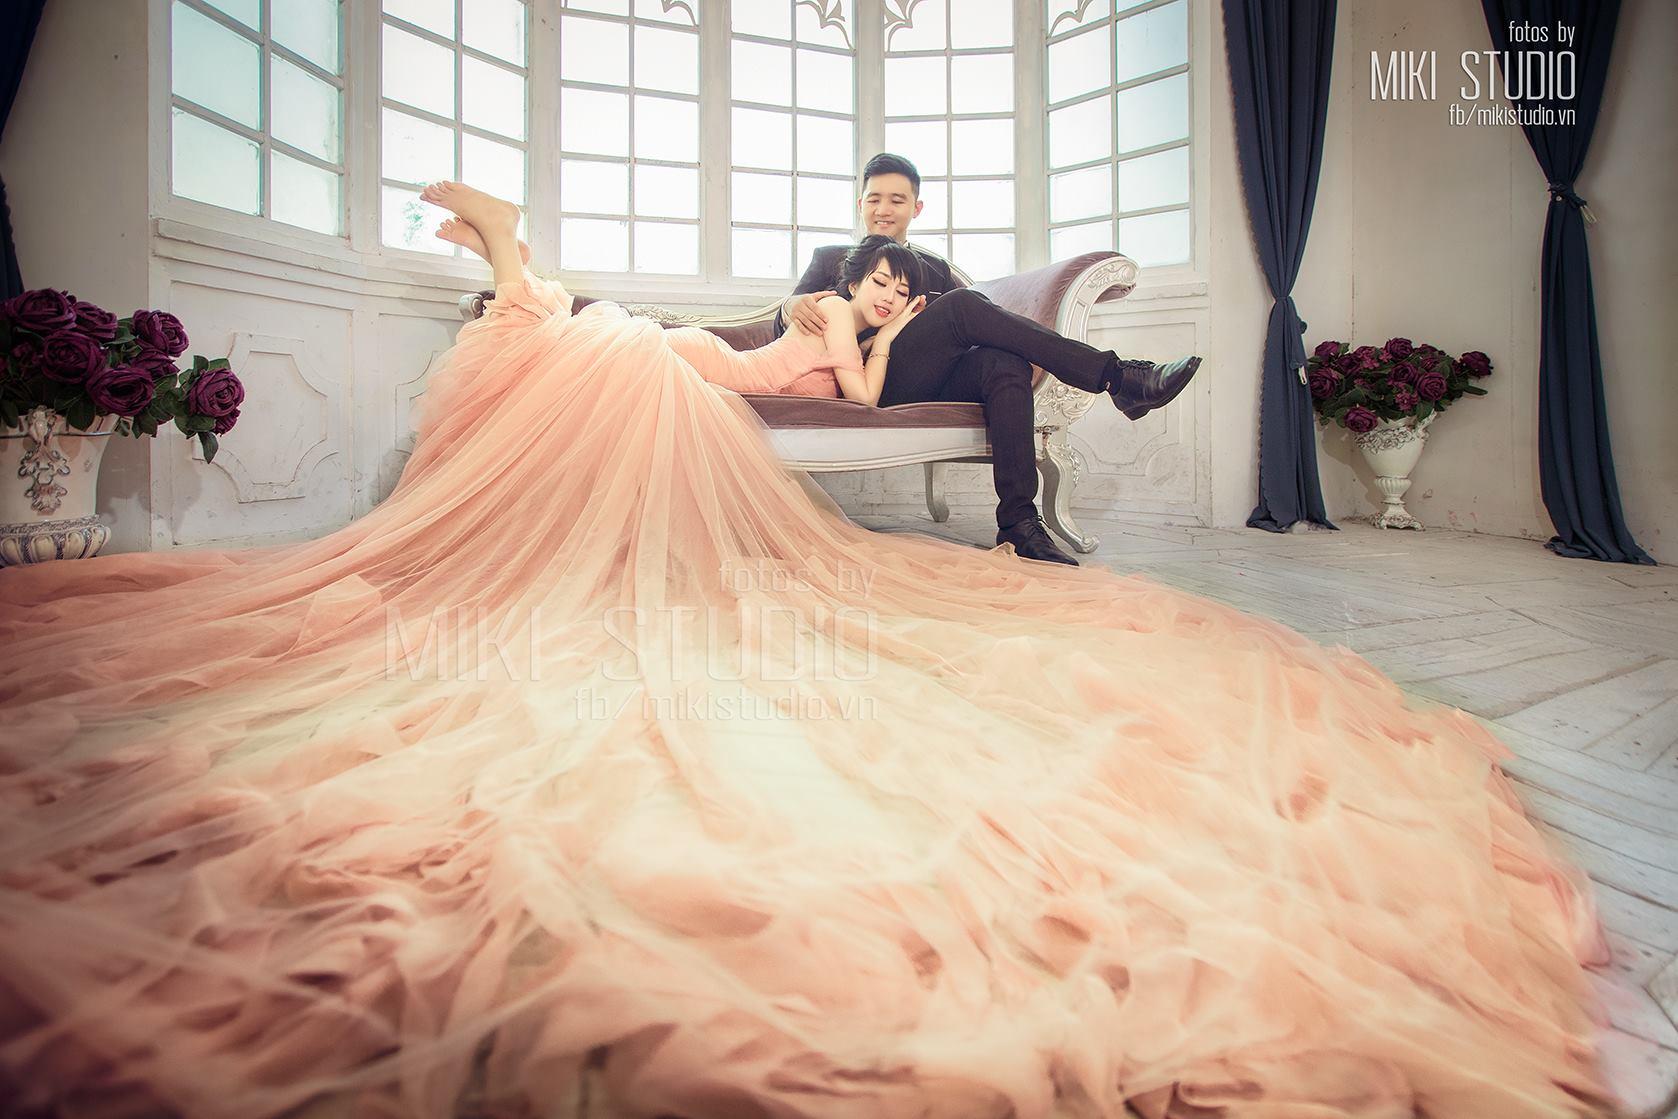 Miki Studio - Chụp ảnh cưới đẹp